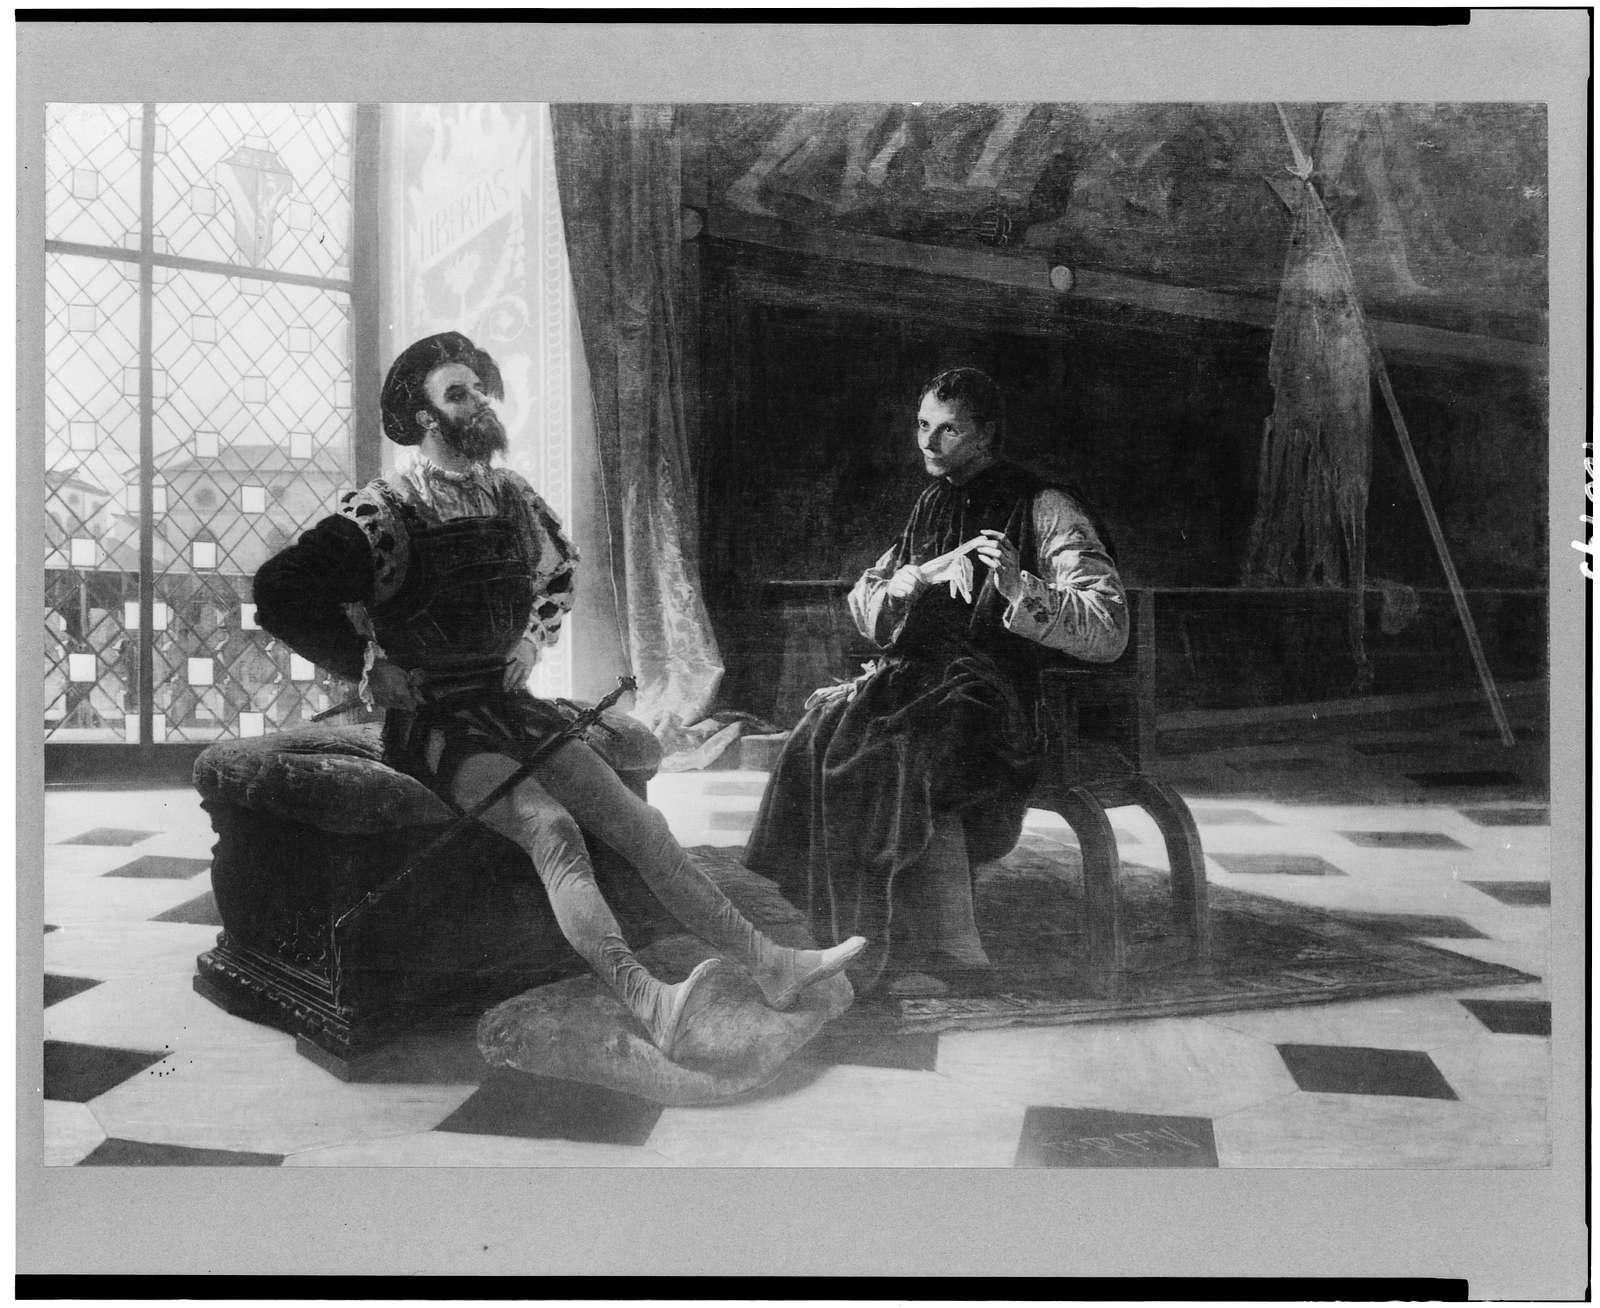 [Cesare Borgia seated with Machiavelli]